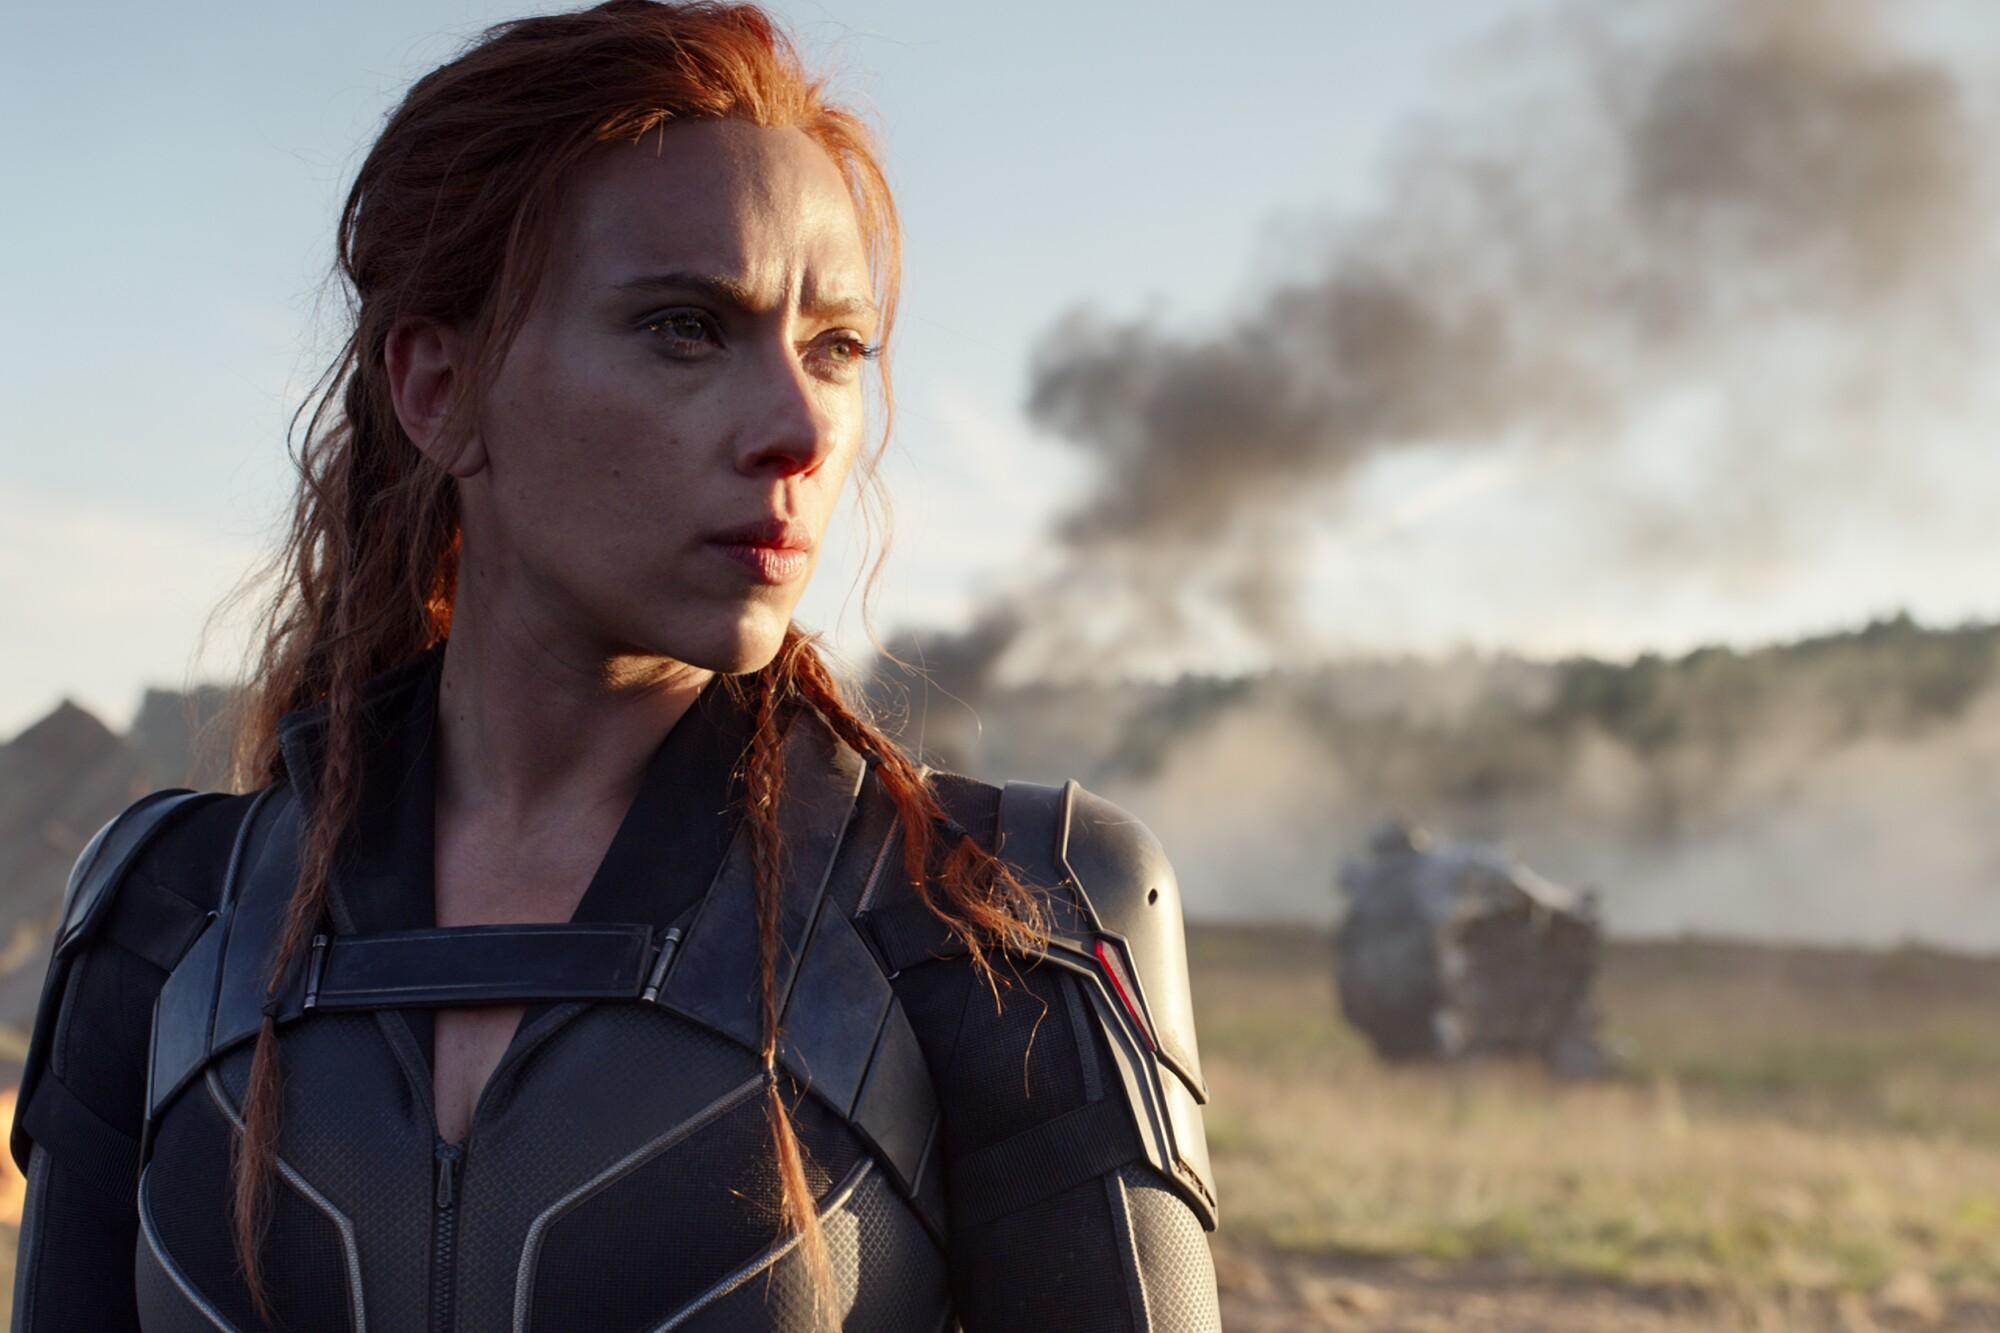 Black Widow' recauda 80 millones de dólares en taquilla nacional - Los  Angeles Times